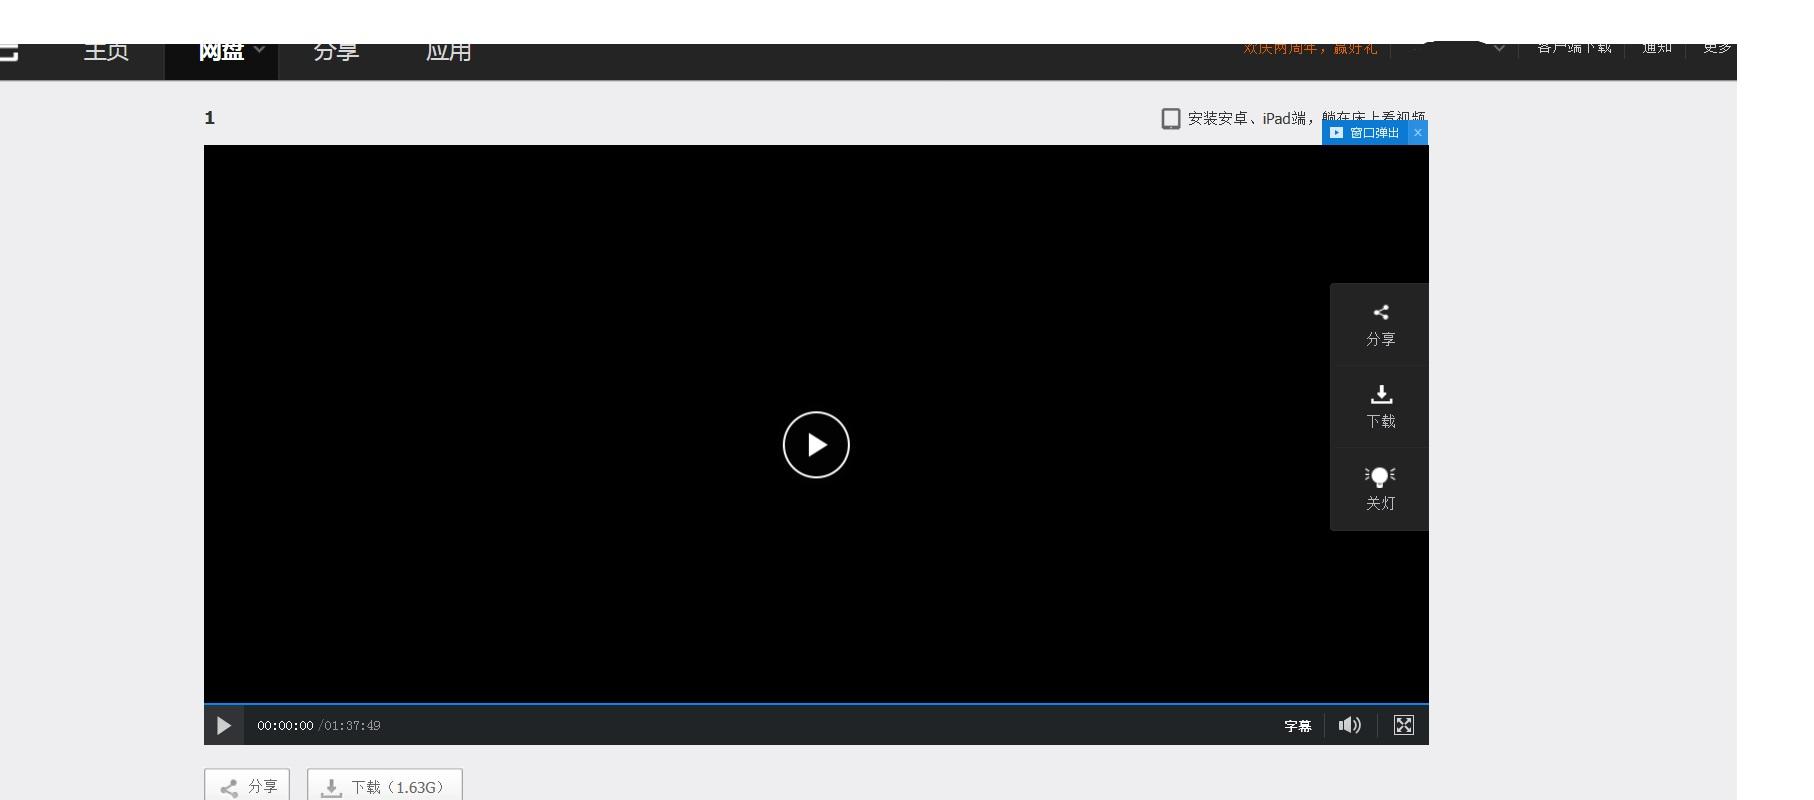 欧美男女做僾能播放的视频_百度网盘无法播放 百度网盘视频播放直接跳到片尾结束